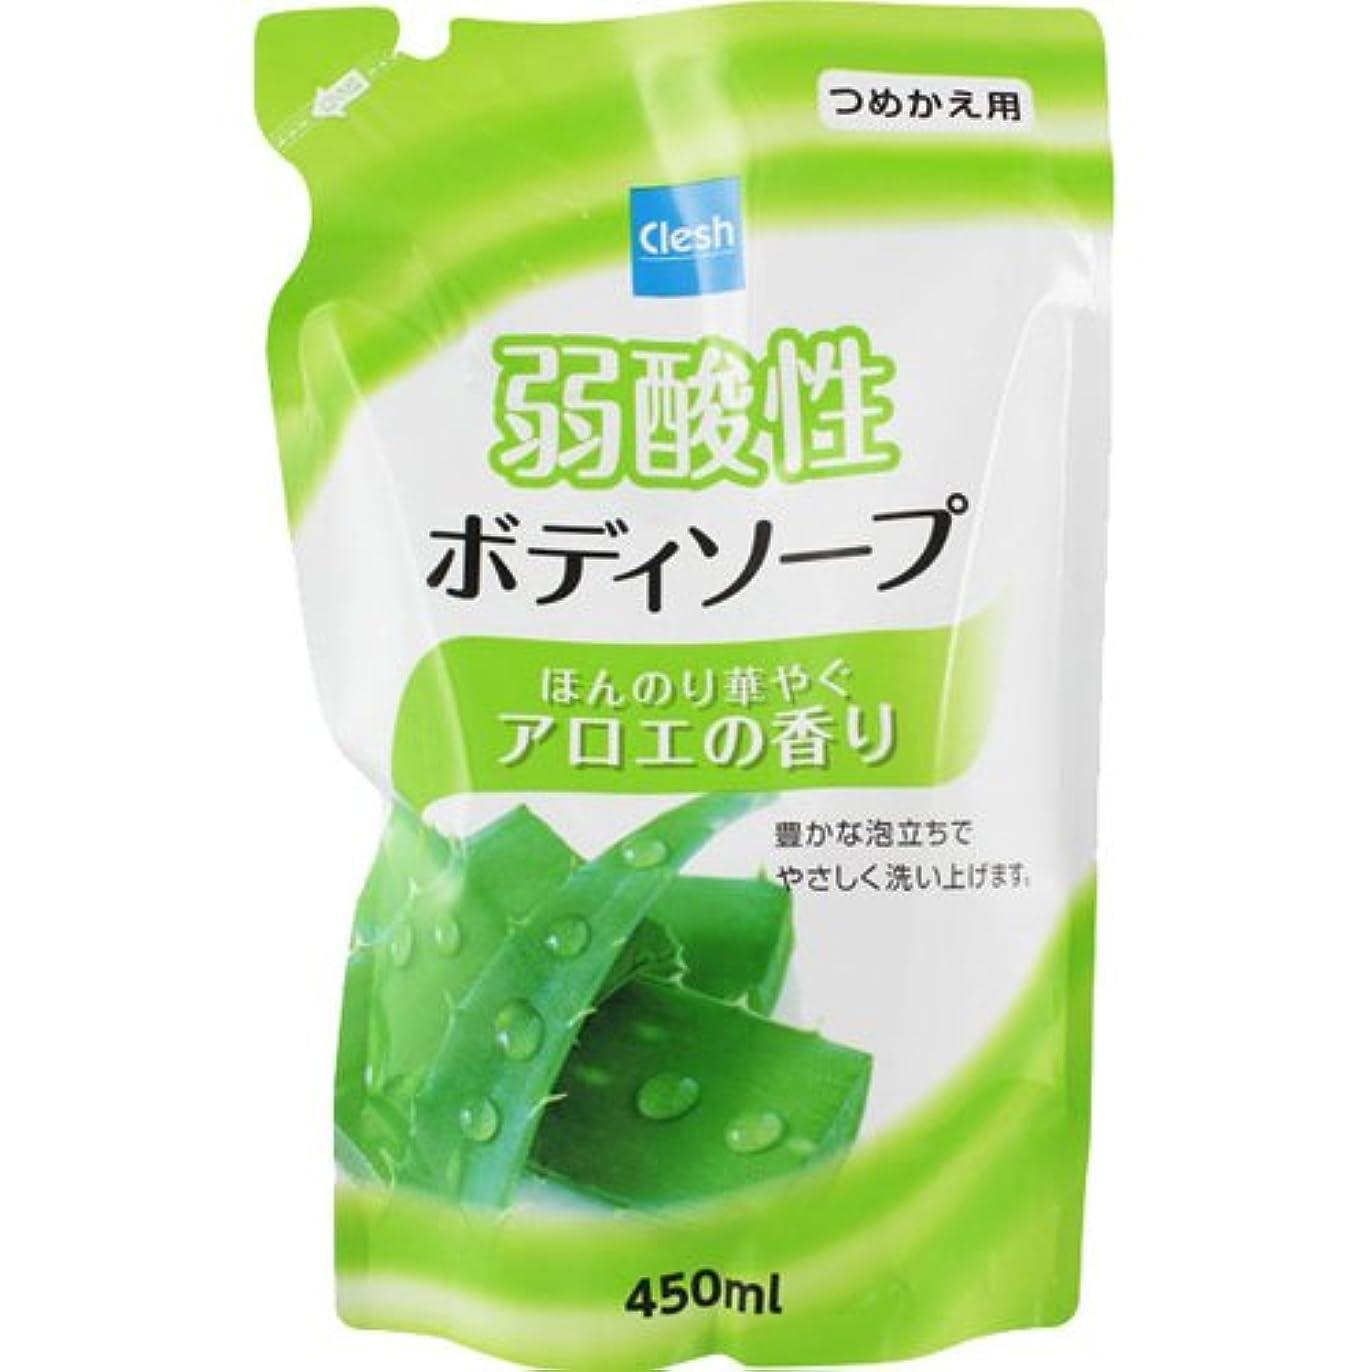 守銭奴アンプペースClesh(クレシュ) 弱酸性ボディソープ アロエの香り つめかえ用 450ml